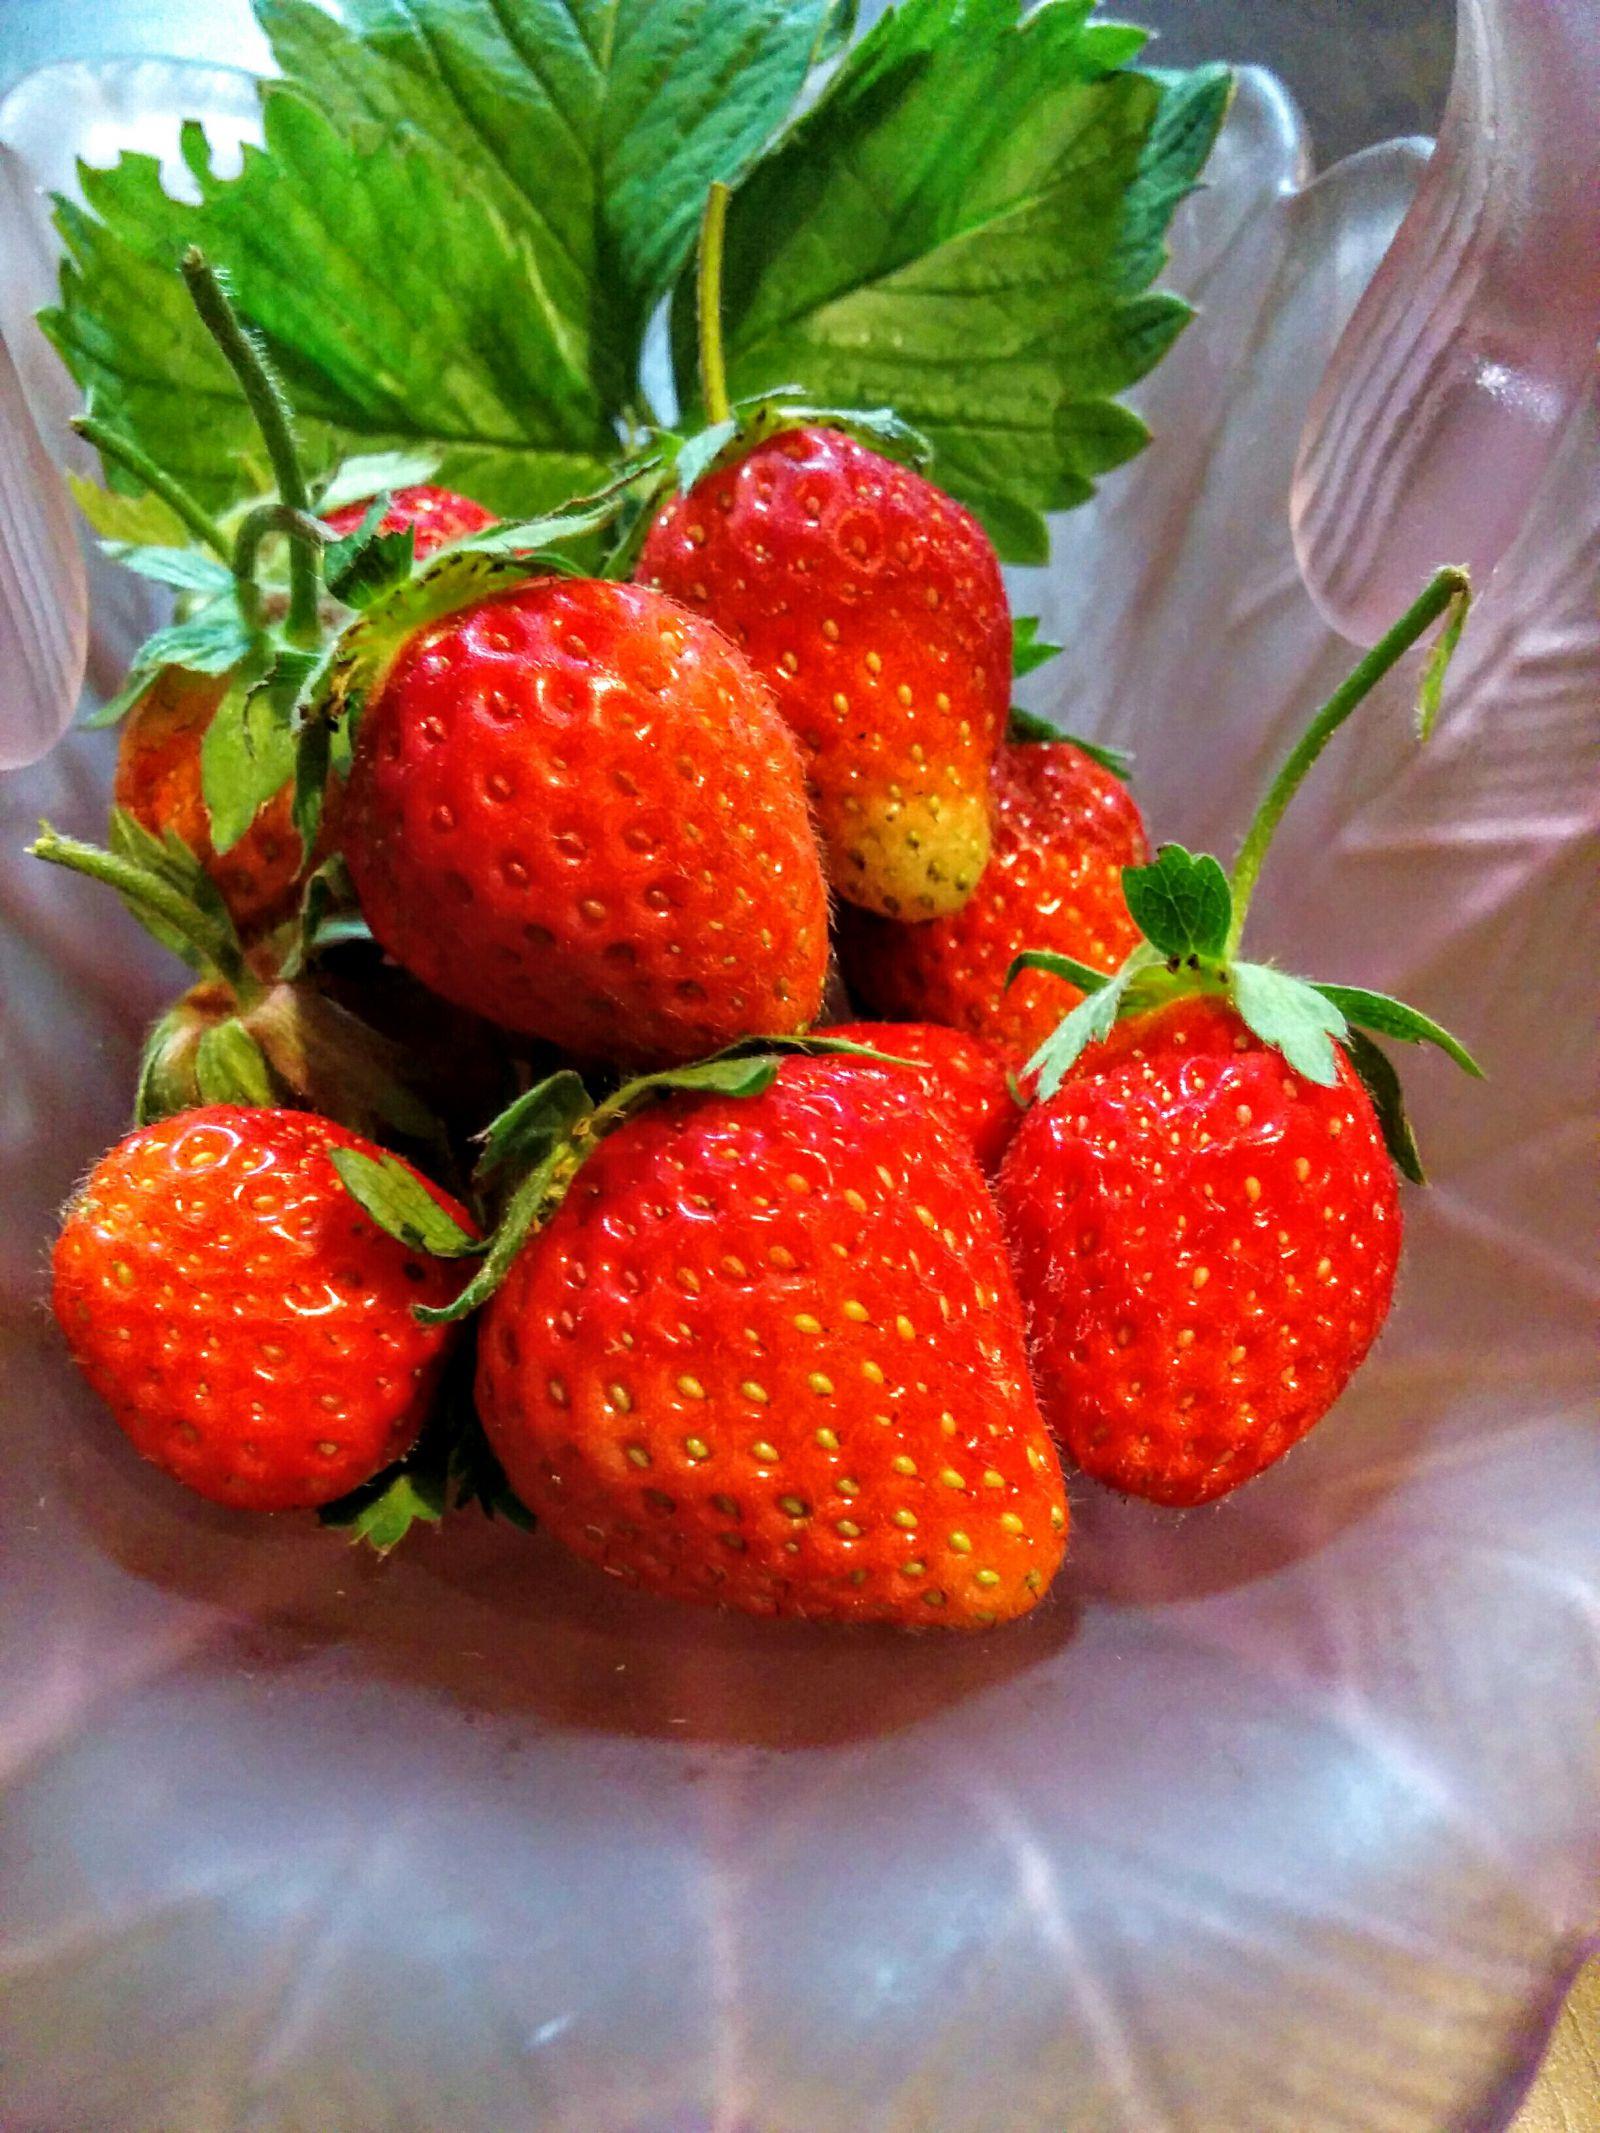 【小樽市】我が家の家庭菜園・イチゴです。